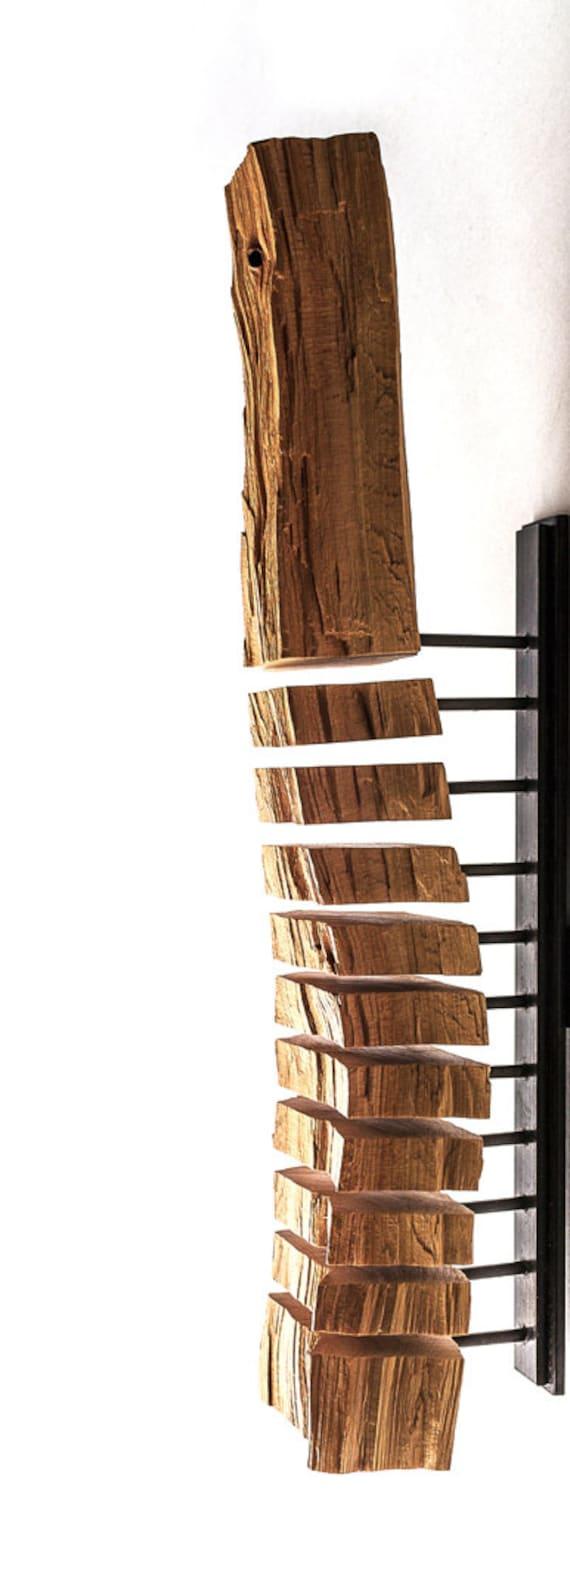 Wood wall sculpture minimalist art modern art abstract for Art moderne sculpture